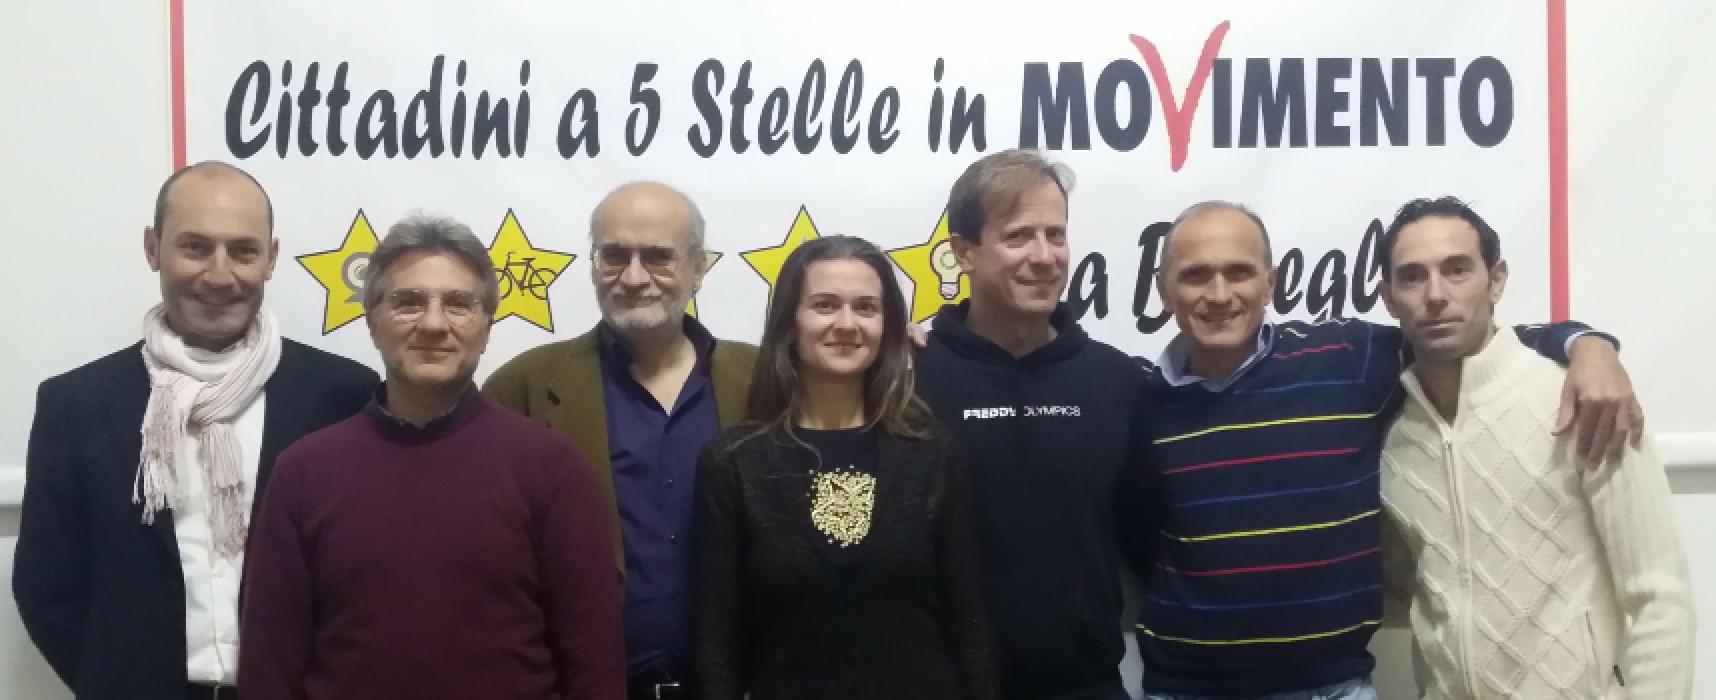 """Cittadini a 5 stelle, petizione per introdurre la """"tariffa puntuale"""" per il calcolo della Tari"""